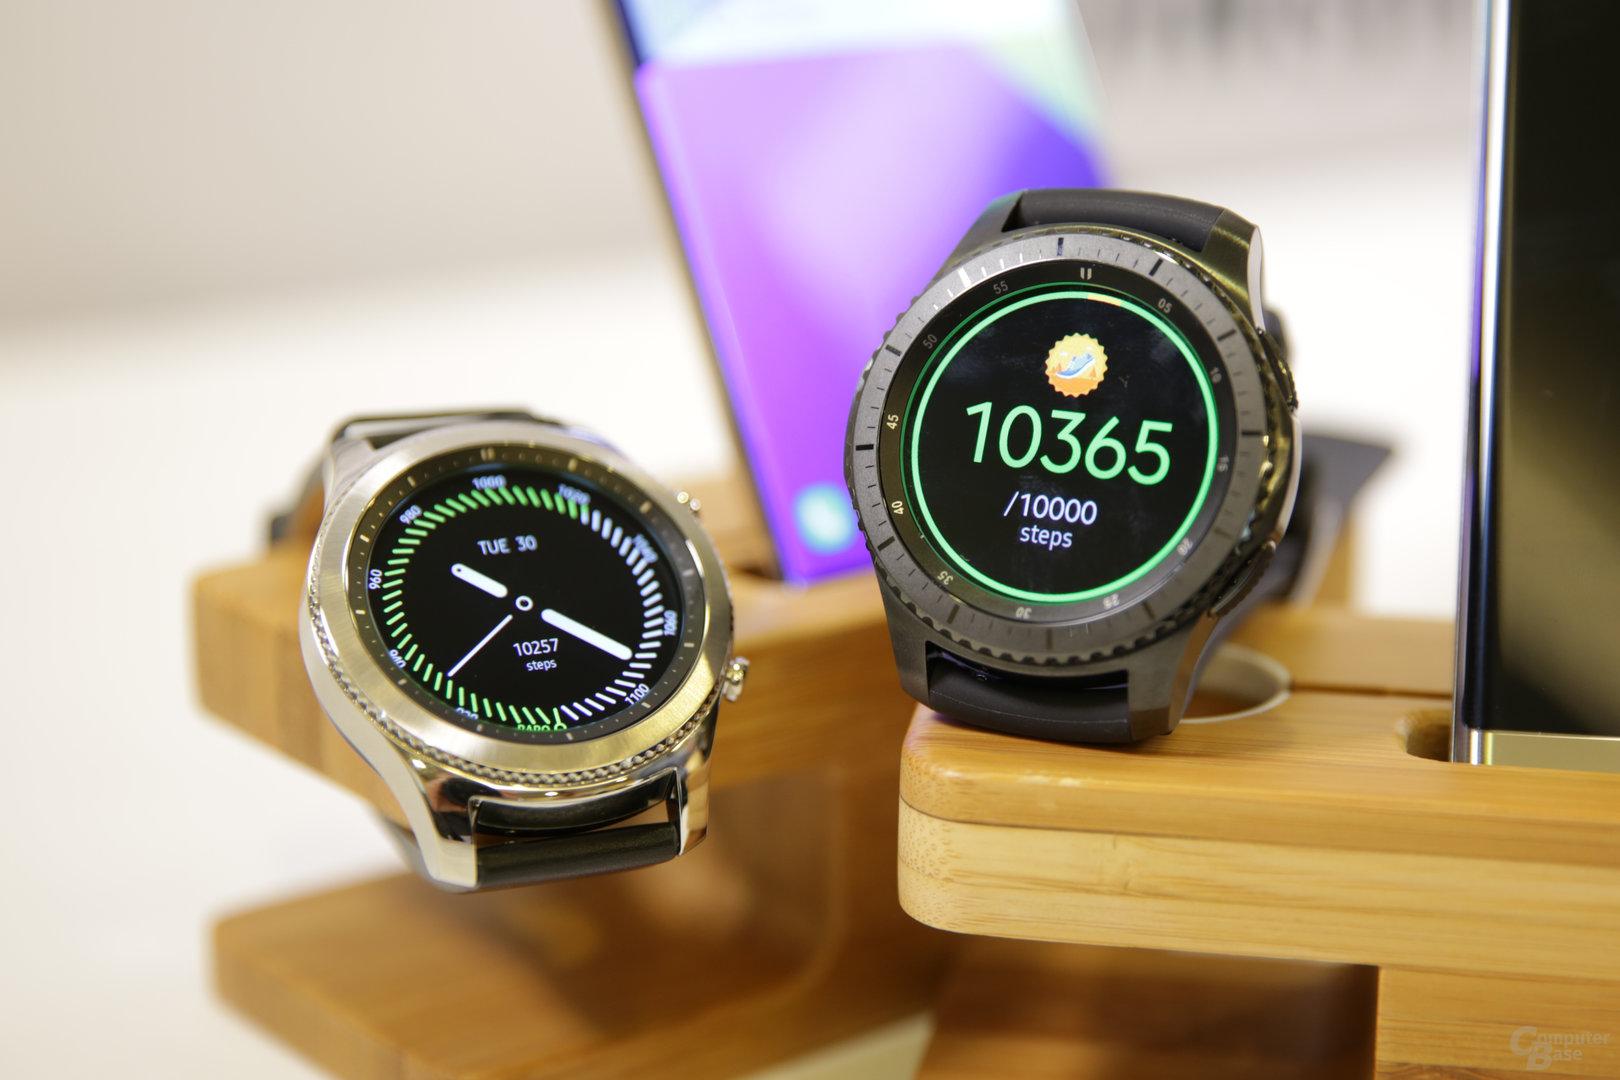 Samsung Gear S3 Classic (links) und Gear S3 Frontier